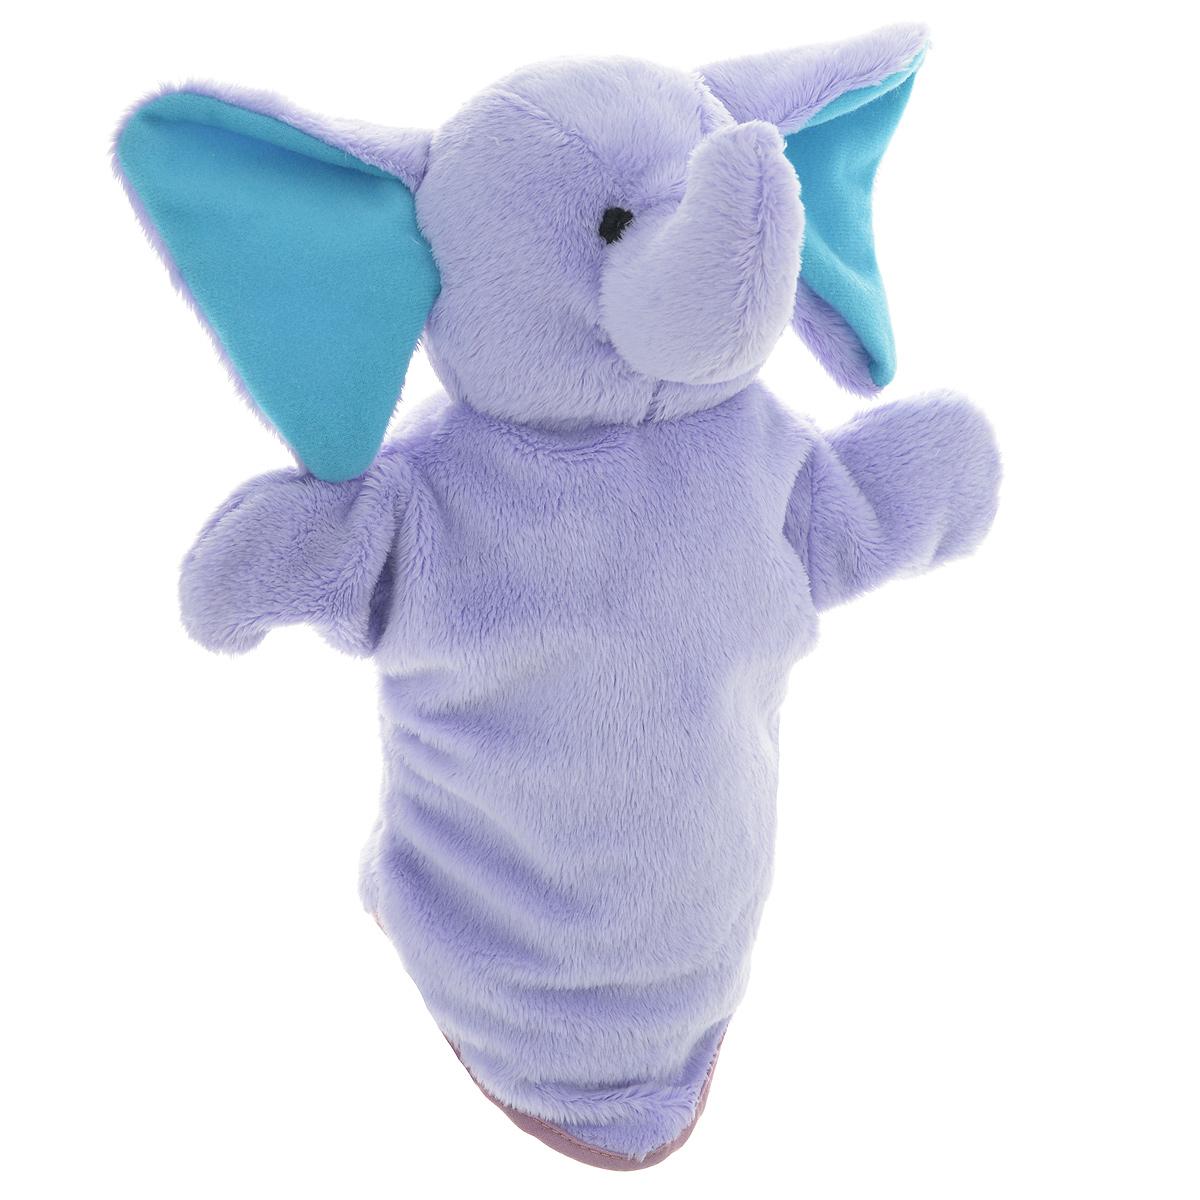 Мягкая игрушка на руку Слоненок сиреневый, 29 см16024Мягкая игрушка на руку Слоненок сиреневый непременно привлечет внимание малыша. Она легко надевается как на детскую руку, так и на взрослую. Игрушка удивительно мягкая и приятная на ощупь. Компания Bauer создала оригинальную серию персонажей, позволяющих собрать свой собственный кукольный театр. Ребенок сам сможет придумывать сценки, надевать кукол на руки, и ставить домашние кукольные спектакли. Таким образом, развивается фантазия ребенка, память, воображение, чувство юмора, умение анализировать ситуации - вымышленные или реальные, инсценированные.